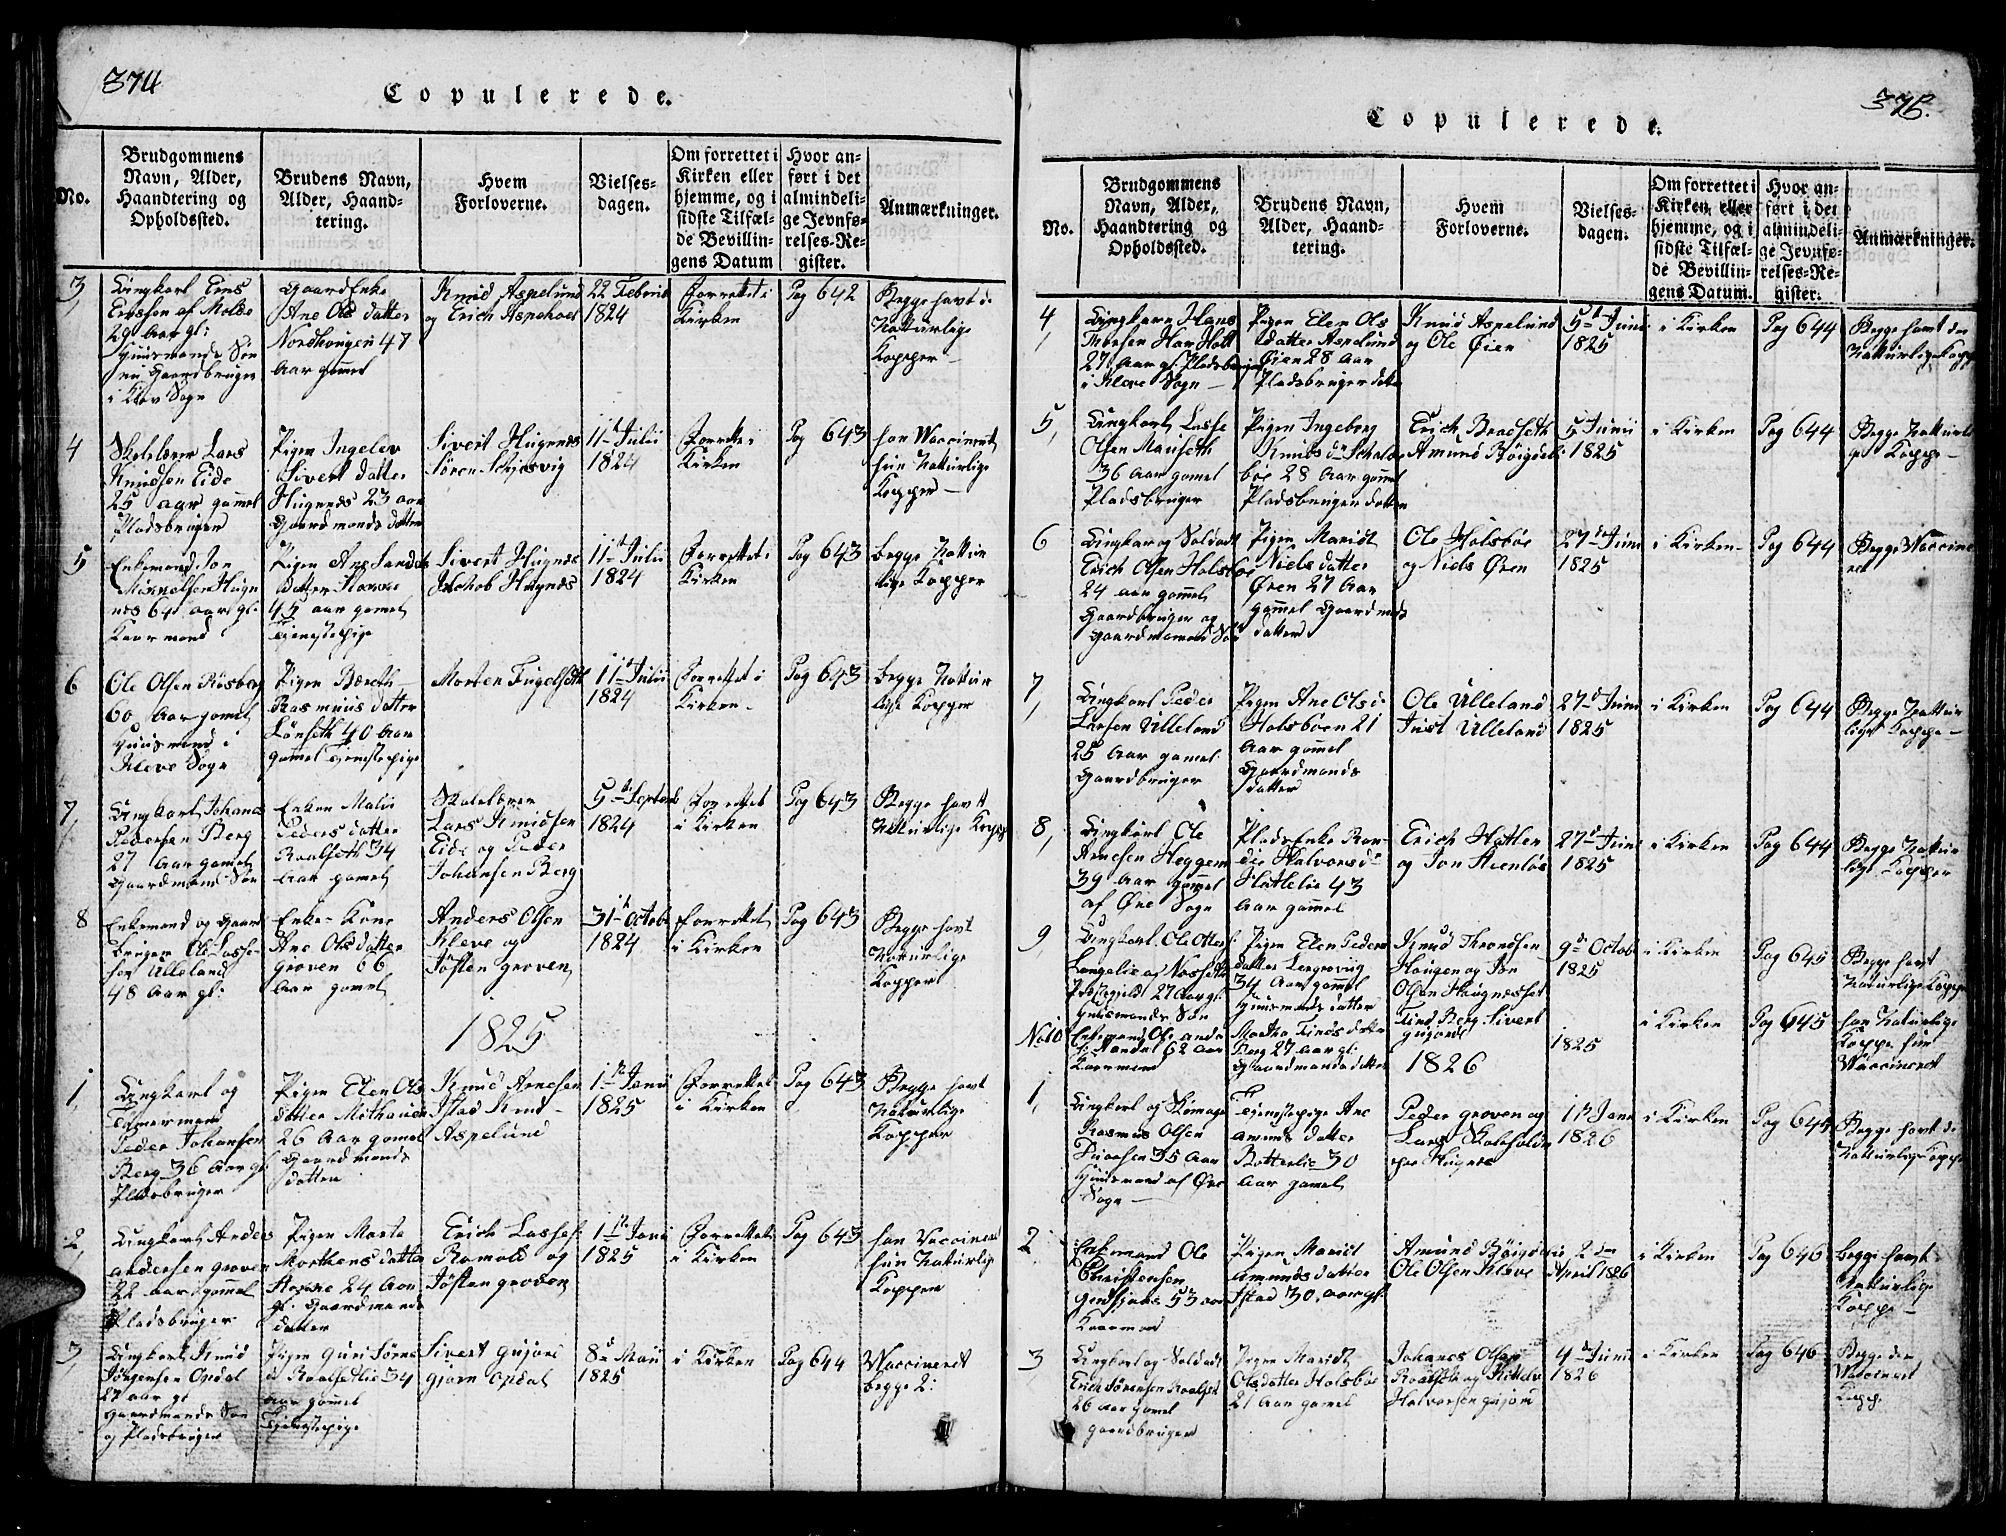 SAT, Ministerialprotokoller, klokkerbøker og fødselsregistre - Møre og Romsdal, 557/L0683: Klokkerbok nr. 557C01, 1818-1862, s. 374-375